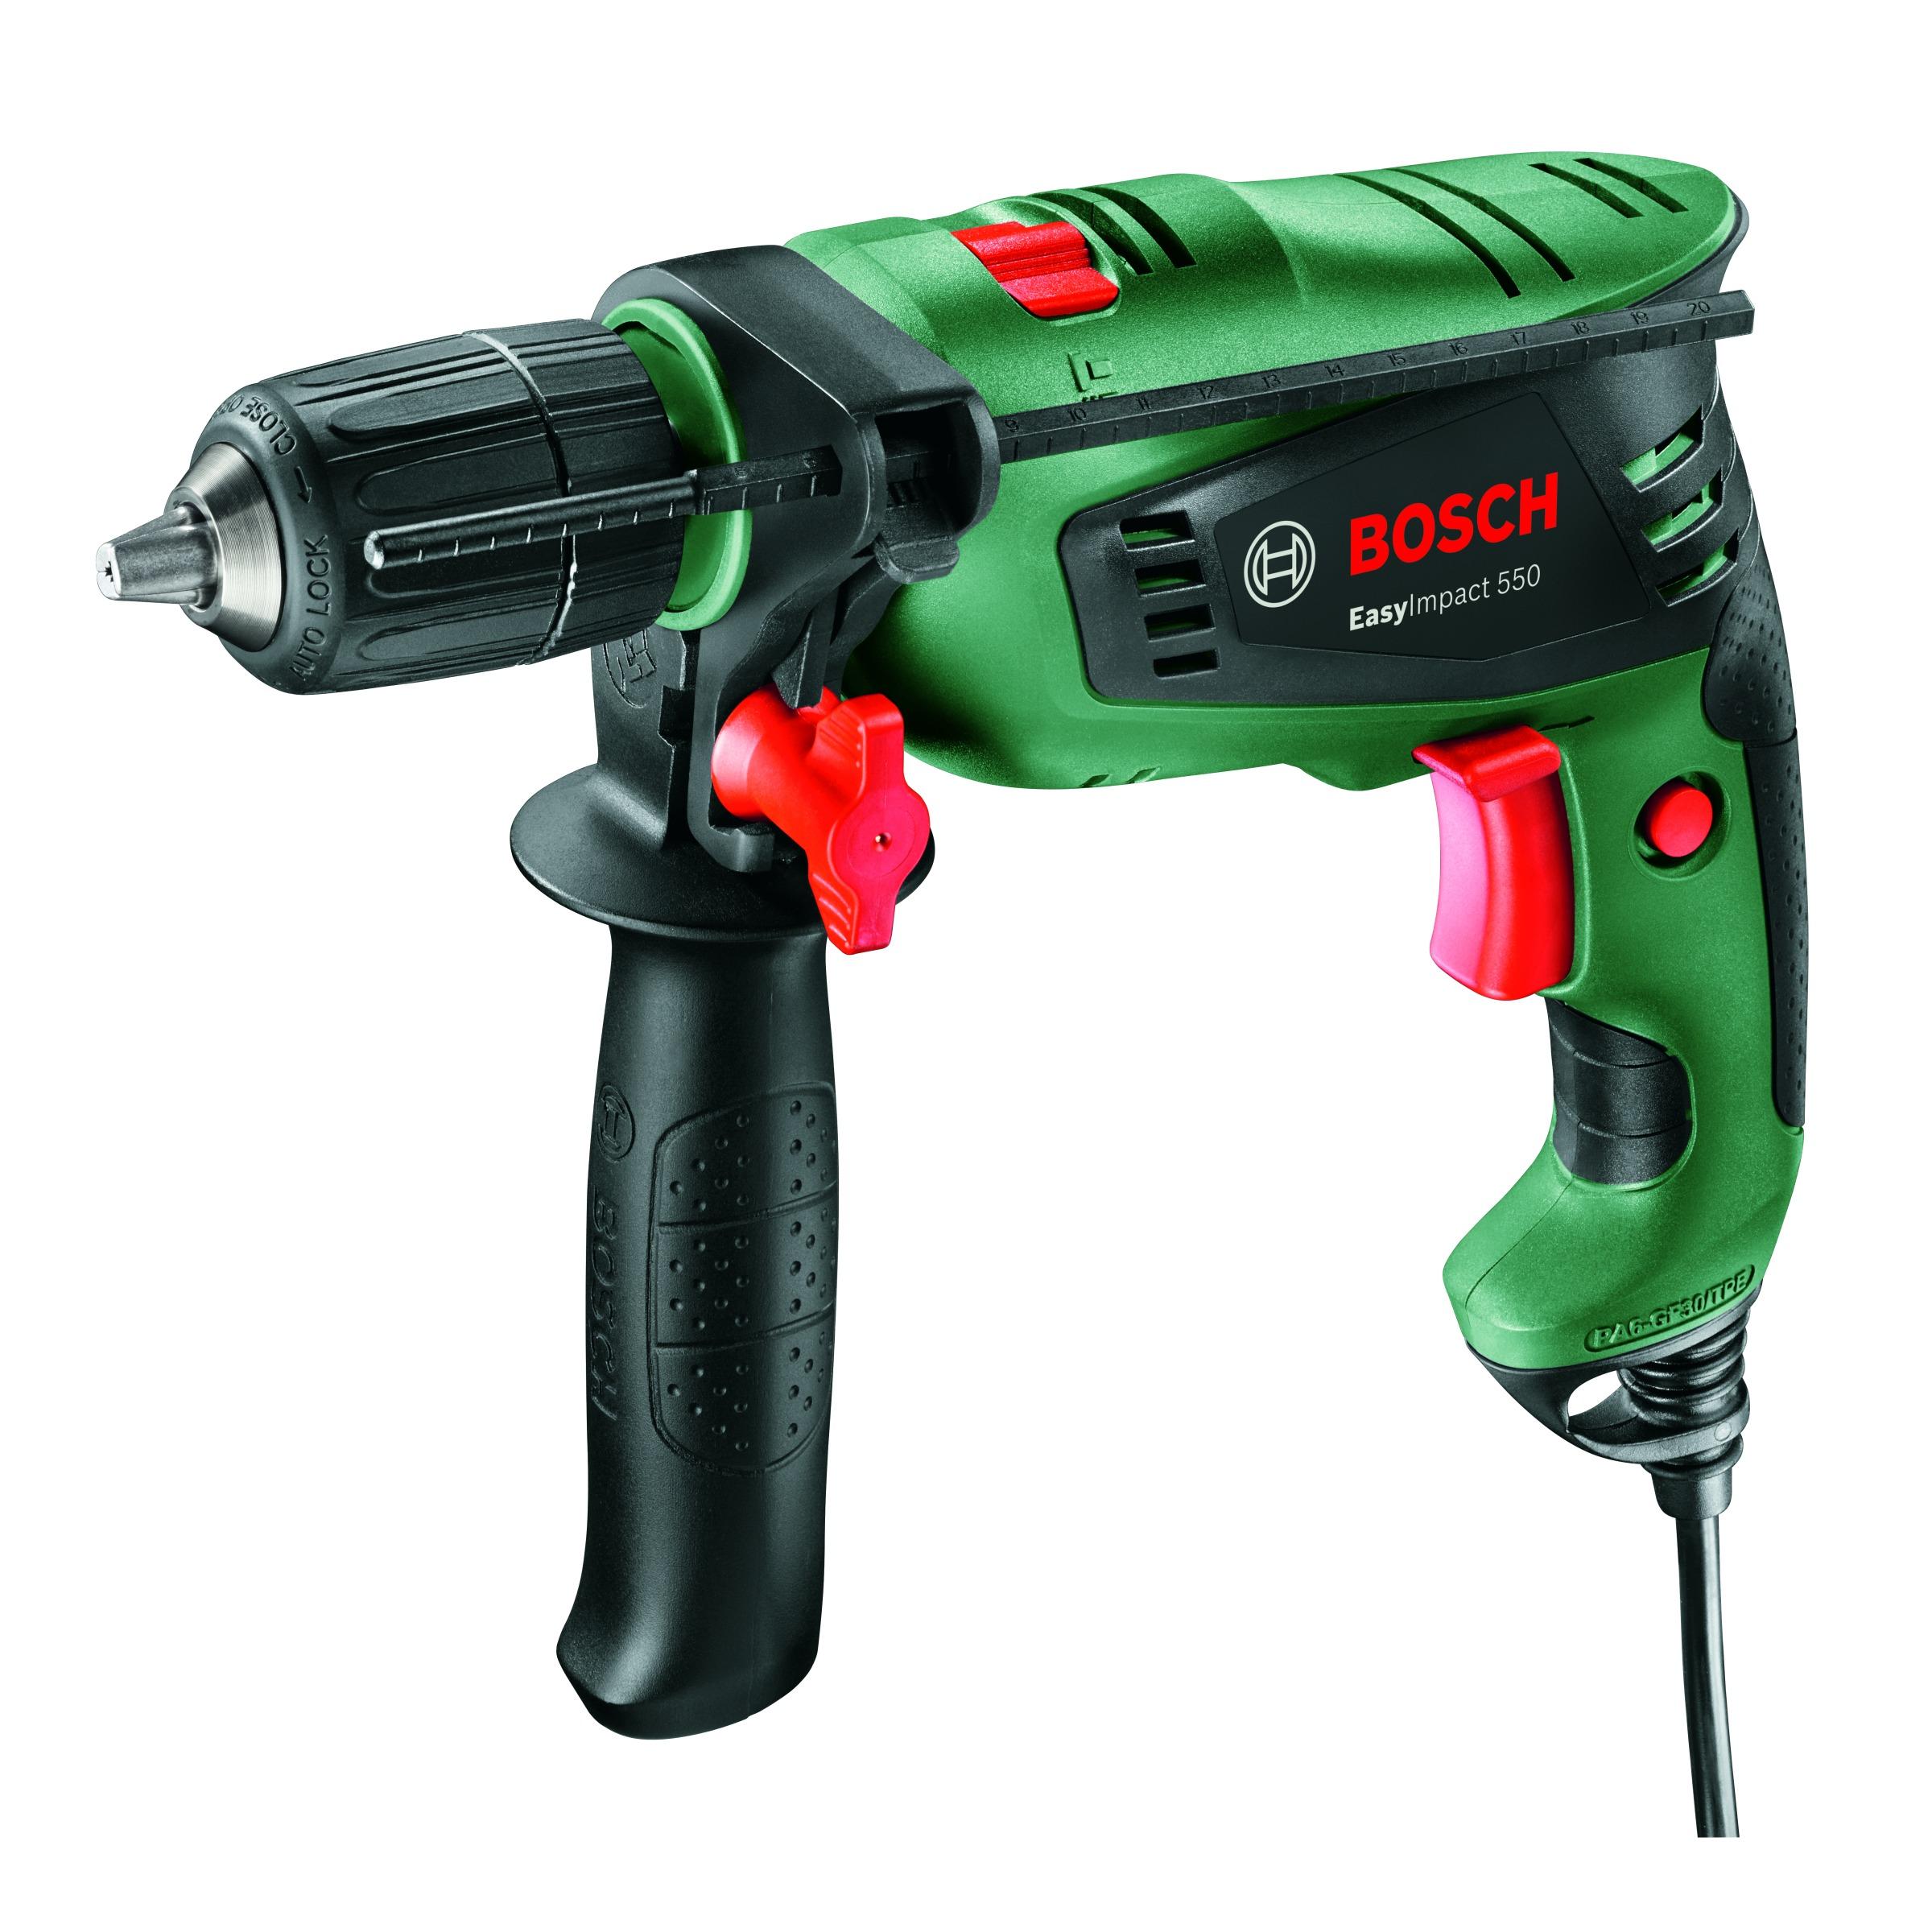 Bosch klopboormachine EasyImpact 550